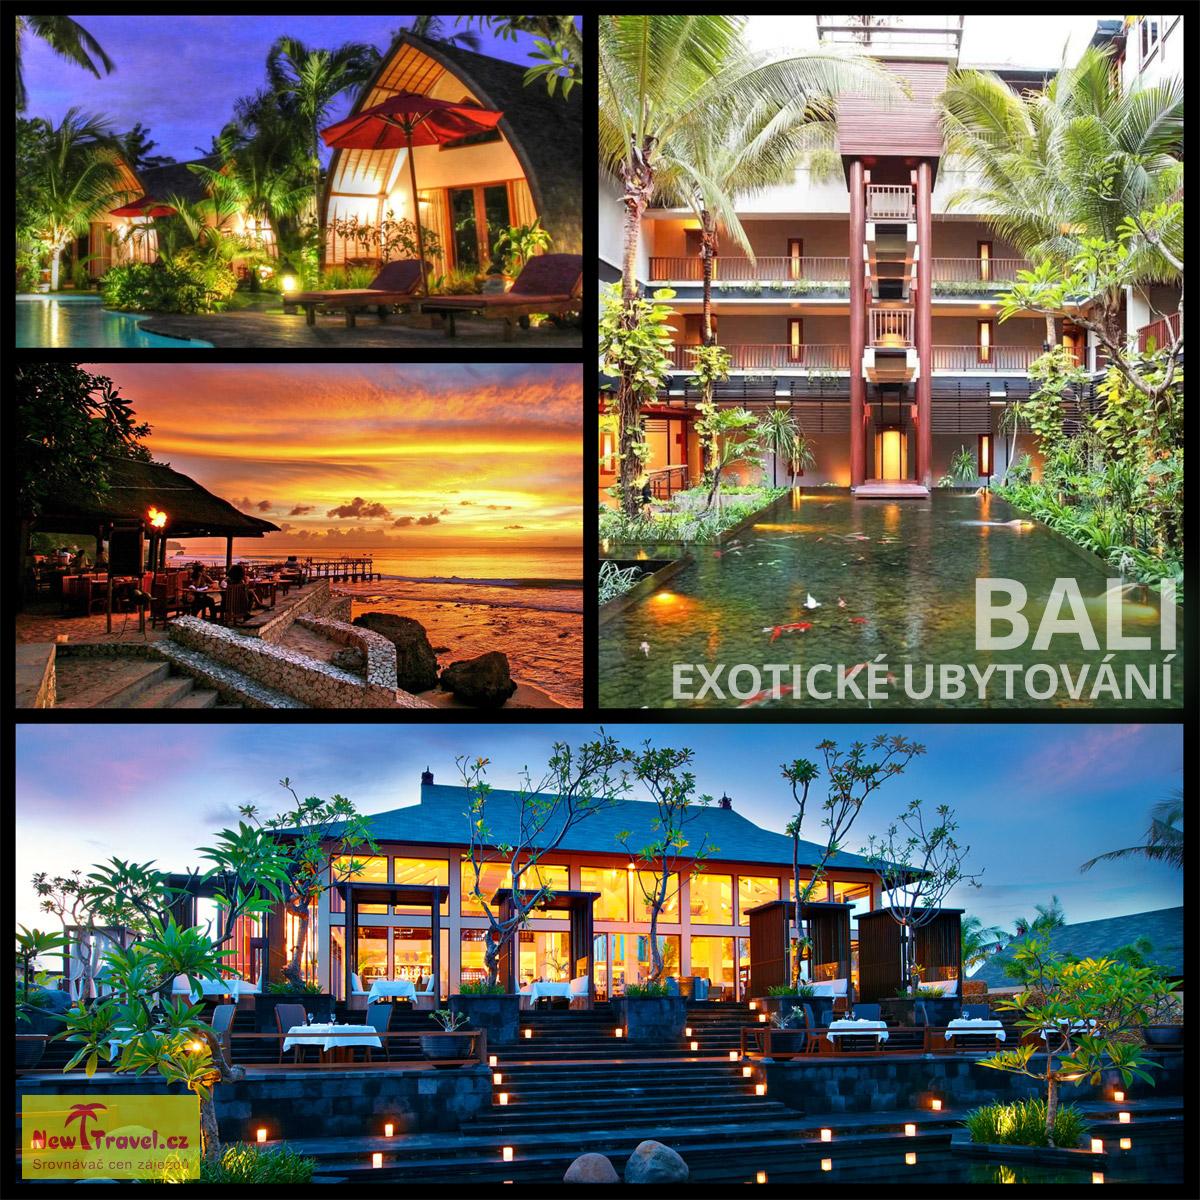 Bali je skvělé místo pro nezapomenutelnou dovolenou. Zapomeňte na klasické zájezdy do evropských destinací. Dovolená na Bali je úplně jiné romantika.